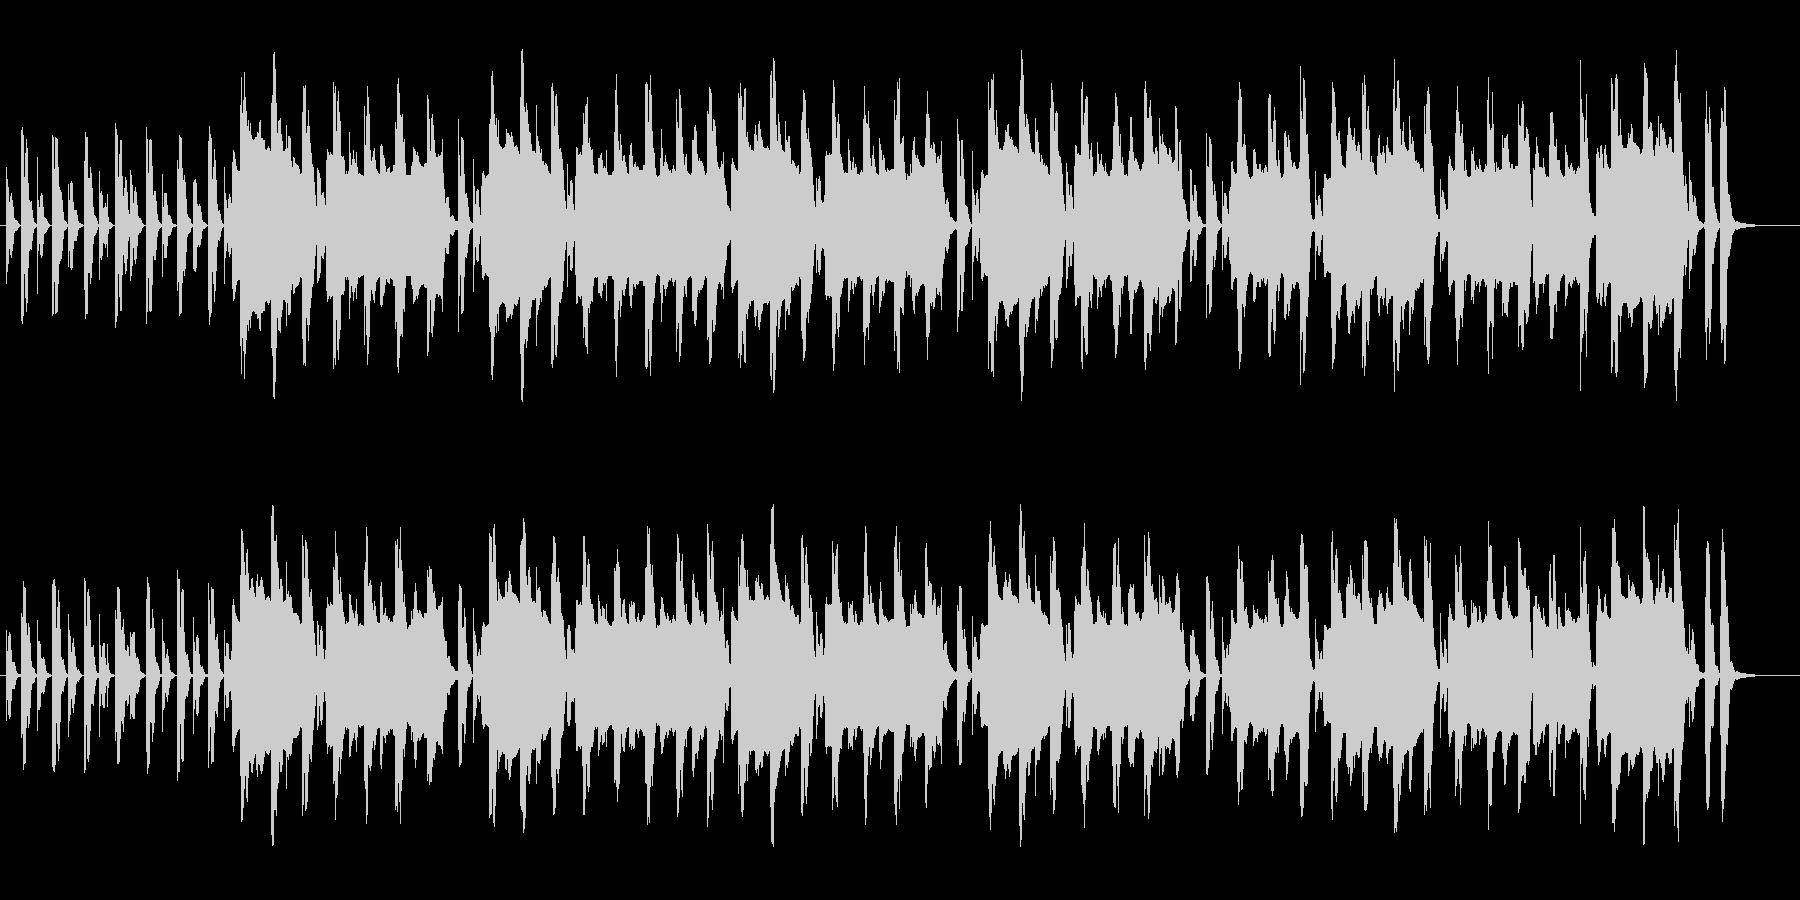 マリンバとフルートのほのぼのしたBGMの未再生の波形